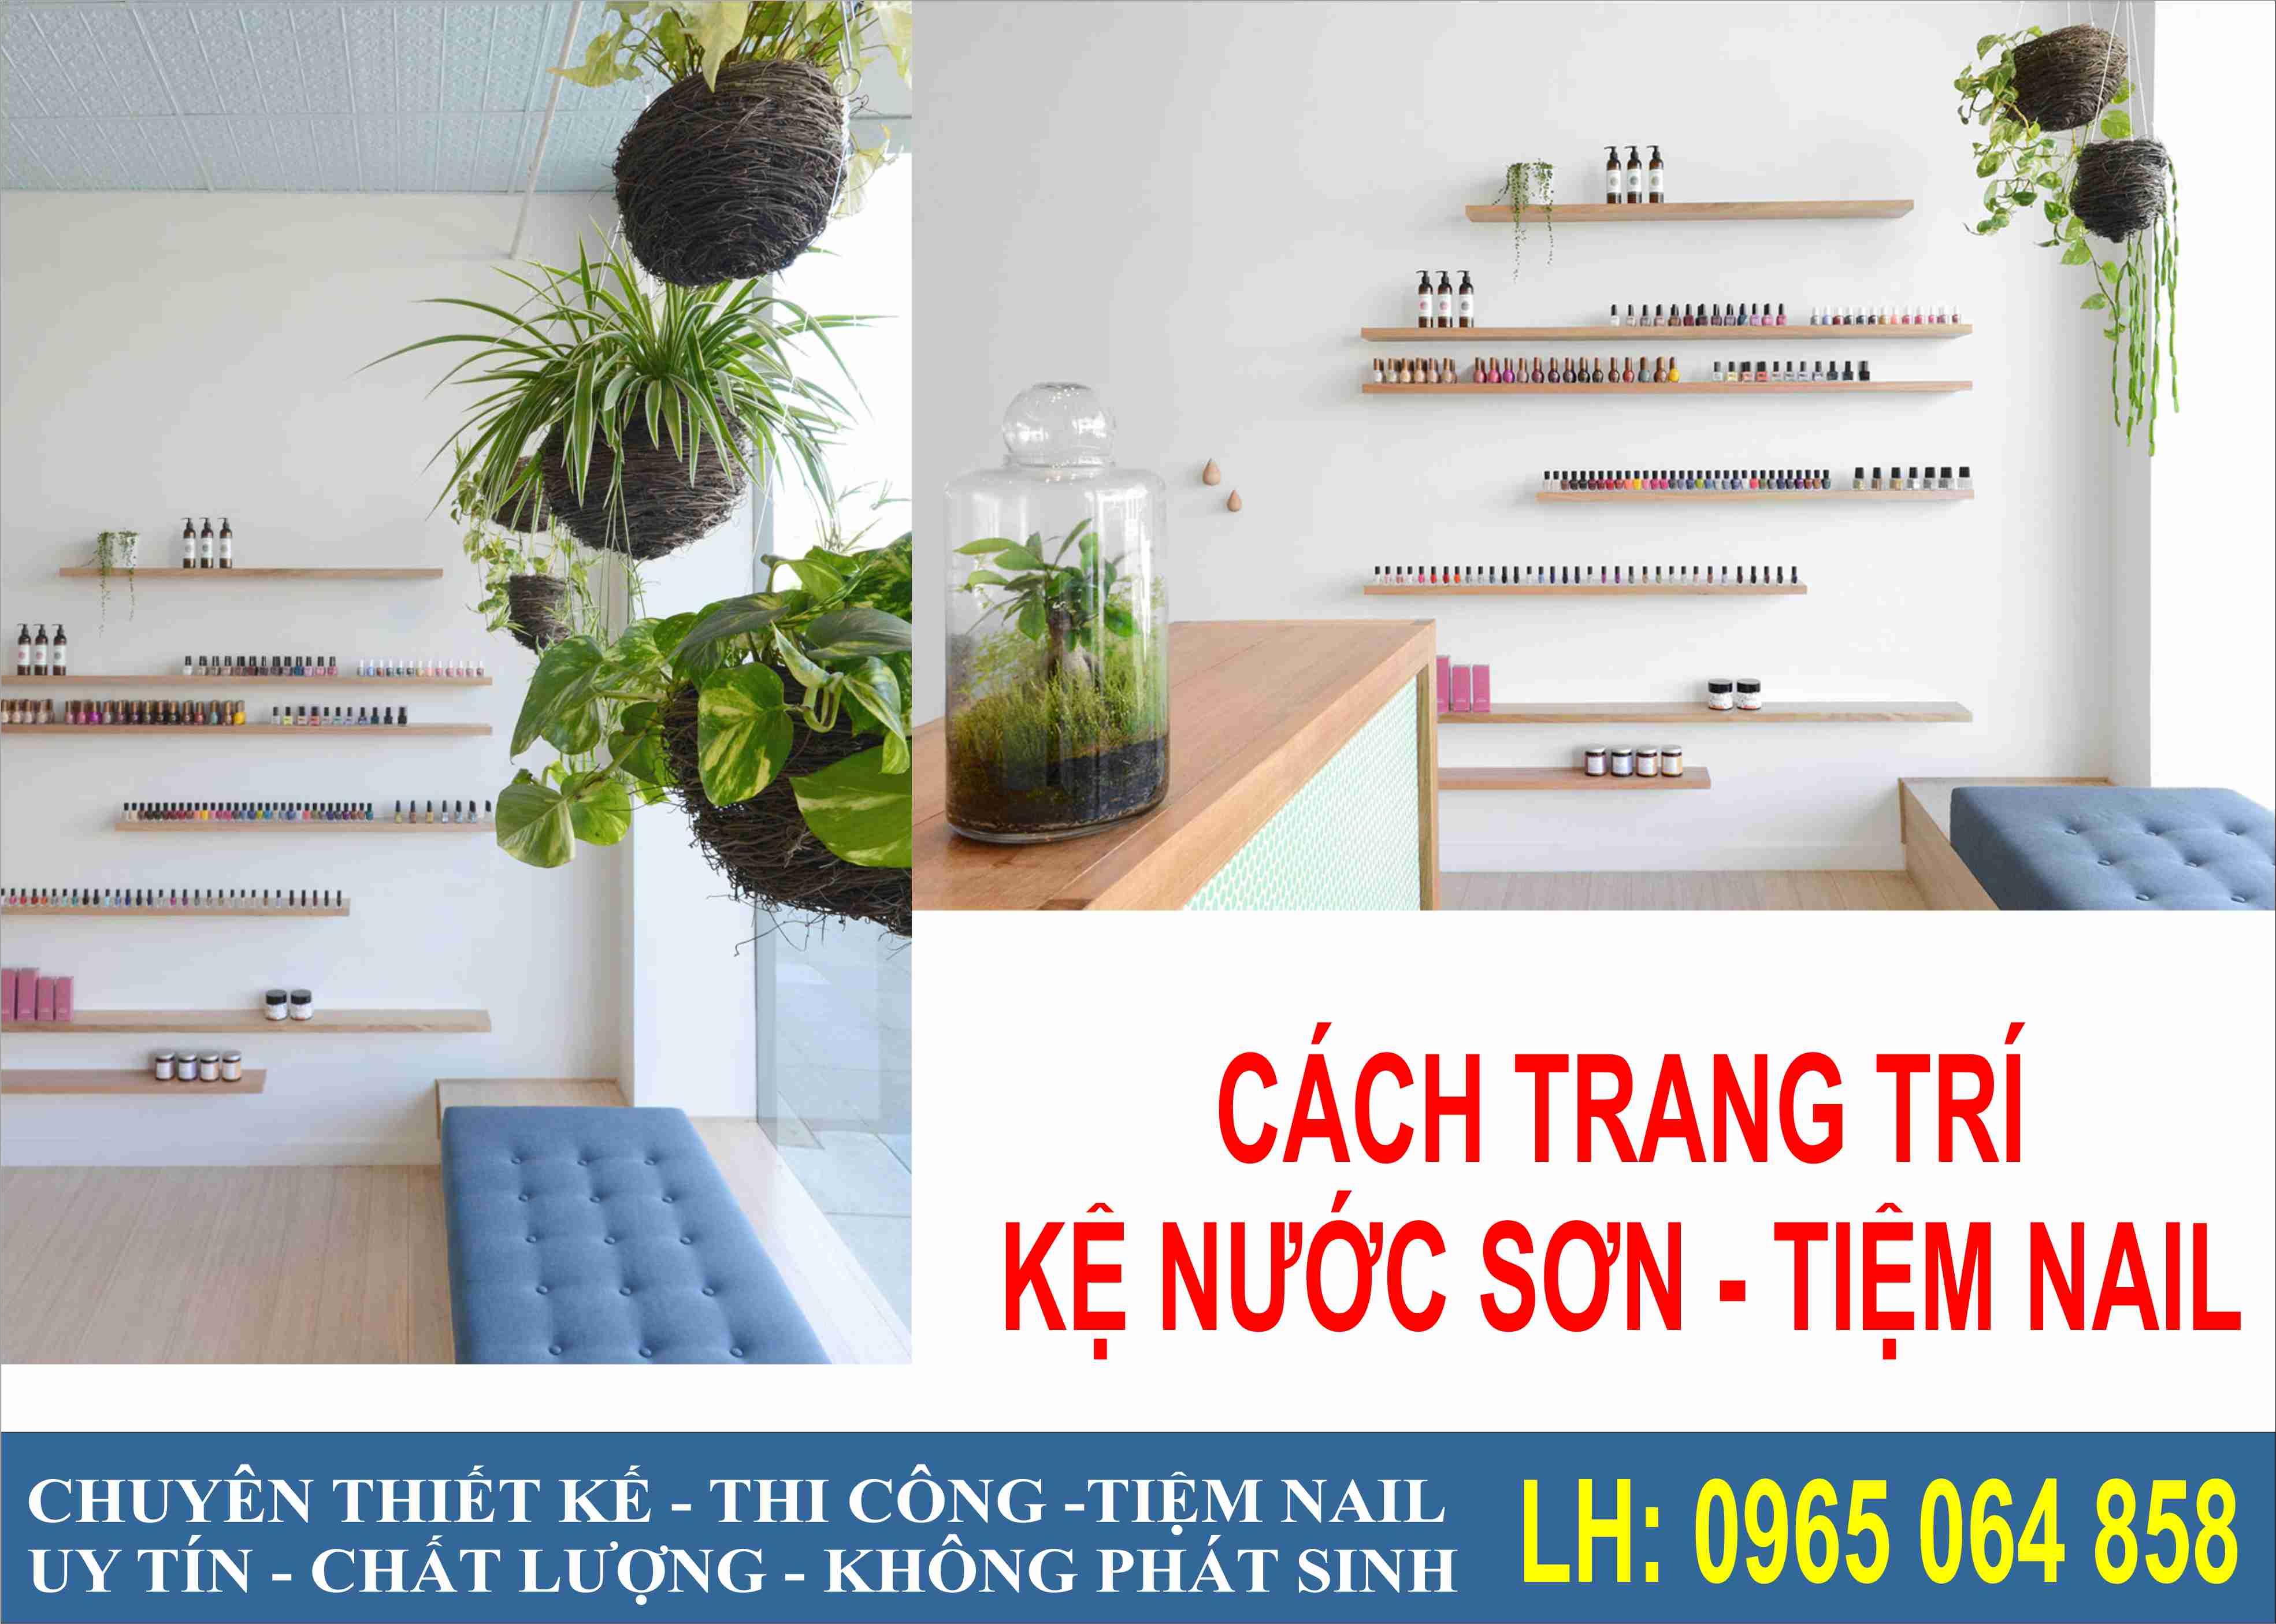 CACH-TRANG-TRI-K-NG-NC-SN-LAM-NAIL